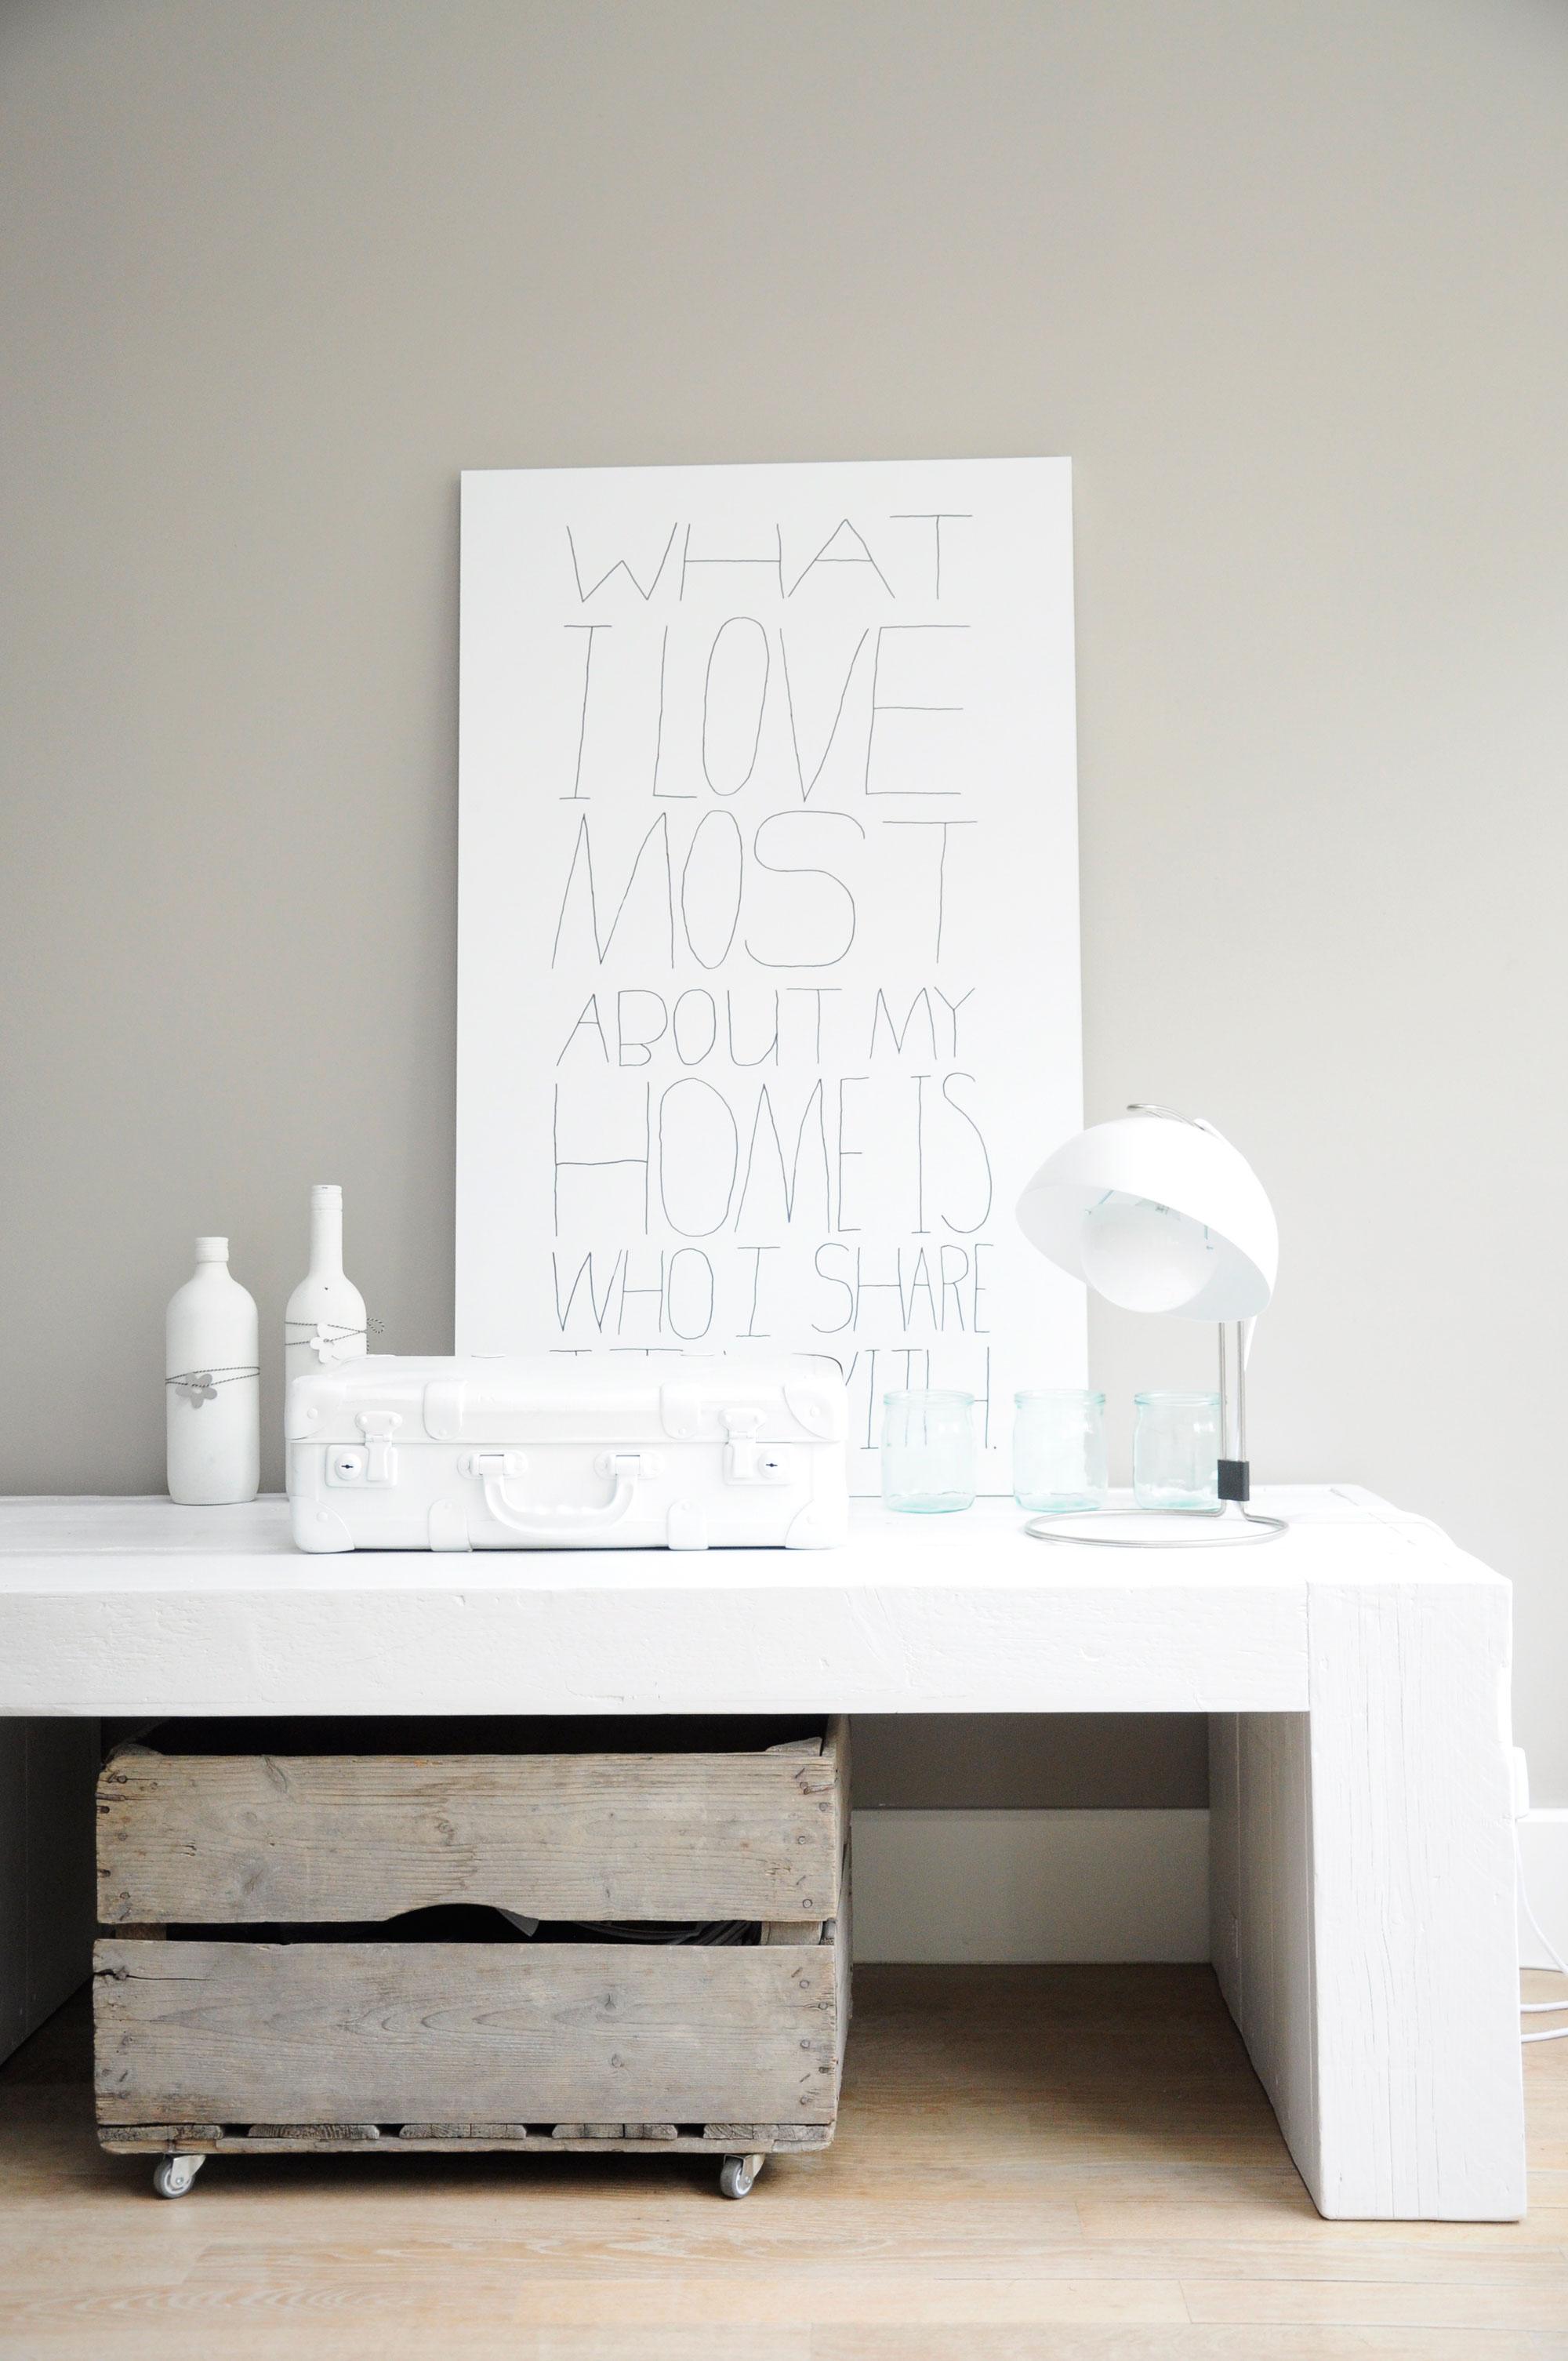 zelf een openhaard bouwen hoe doe je dat eigenlijk thomas gaspersz. Black Bedroom Furniture Sets. Home Design Ideas